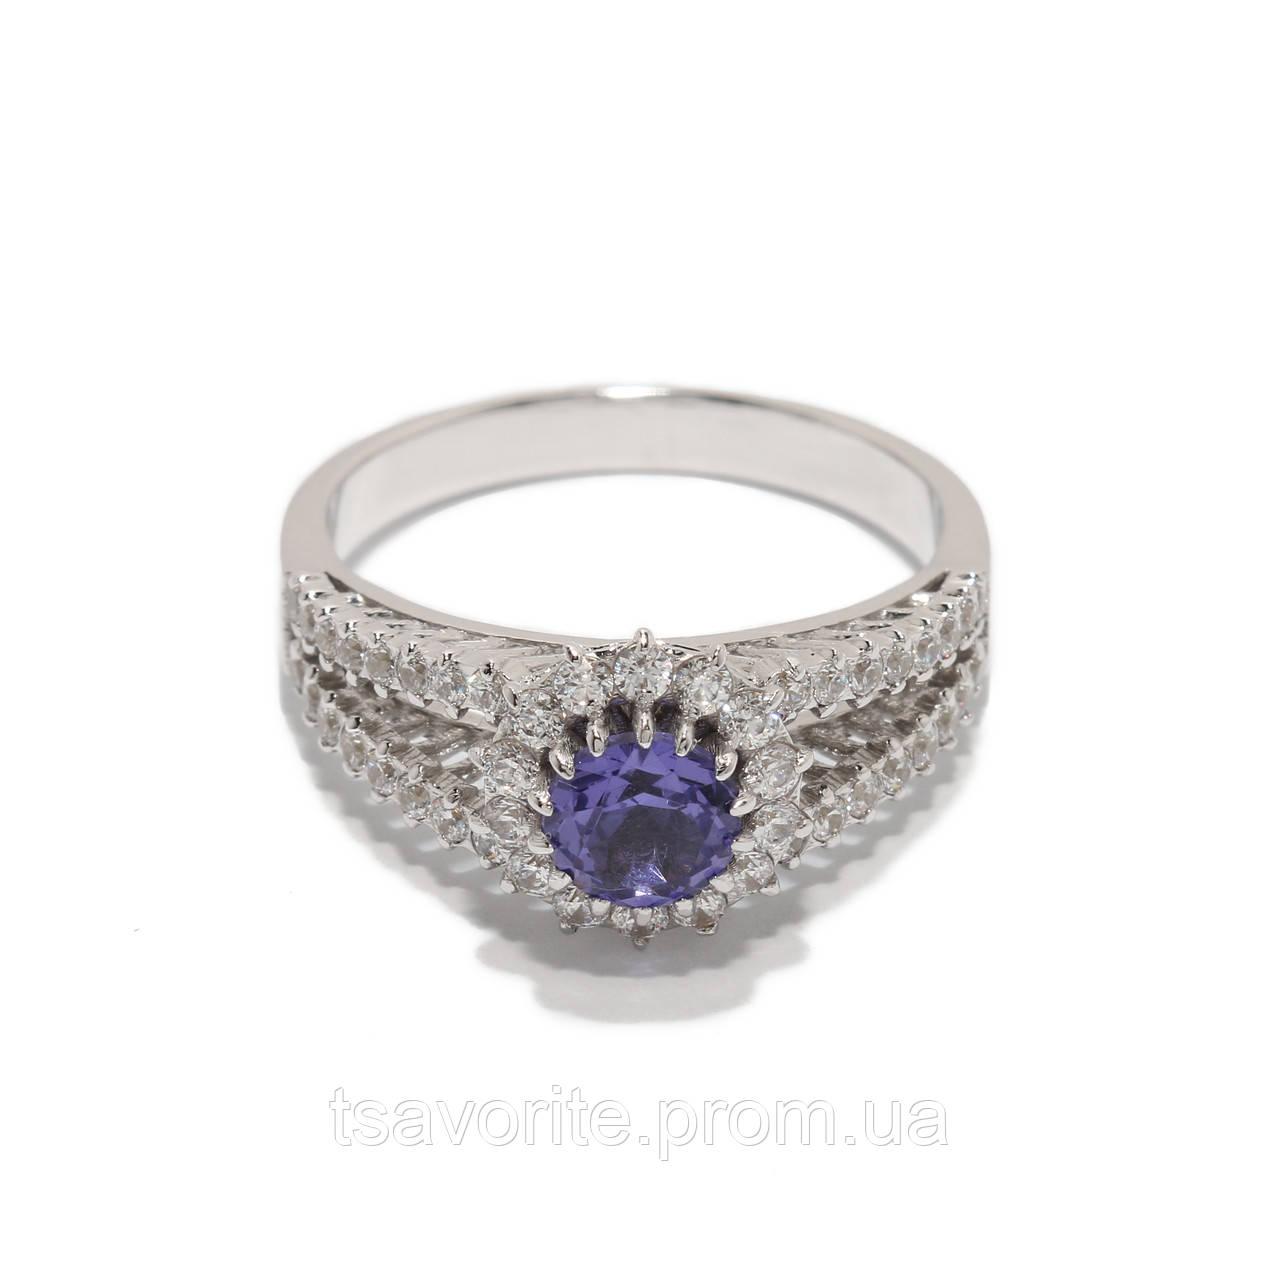 Золотое кольцо с наноситалом 1212944